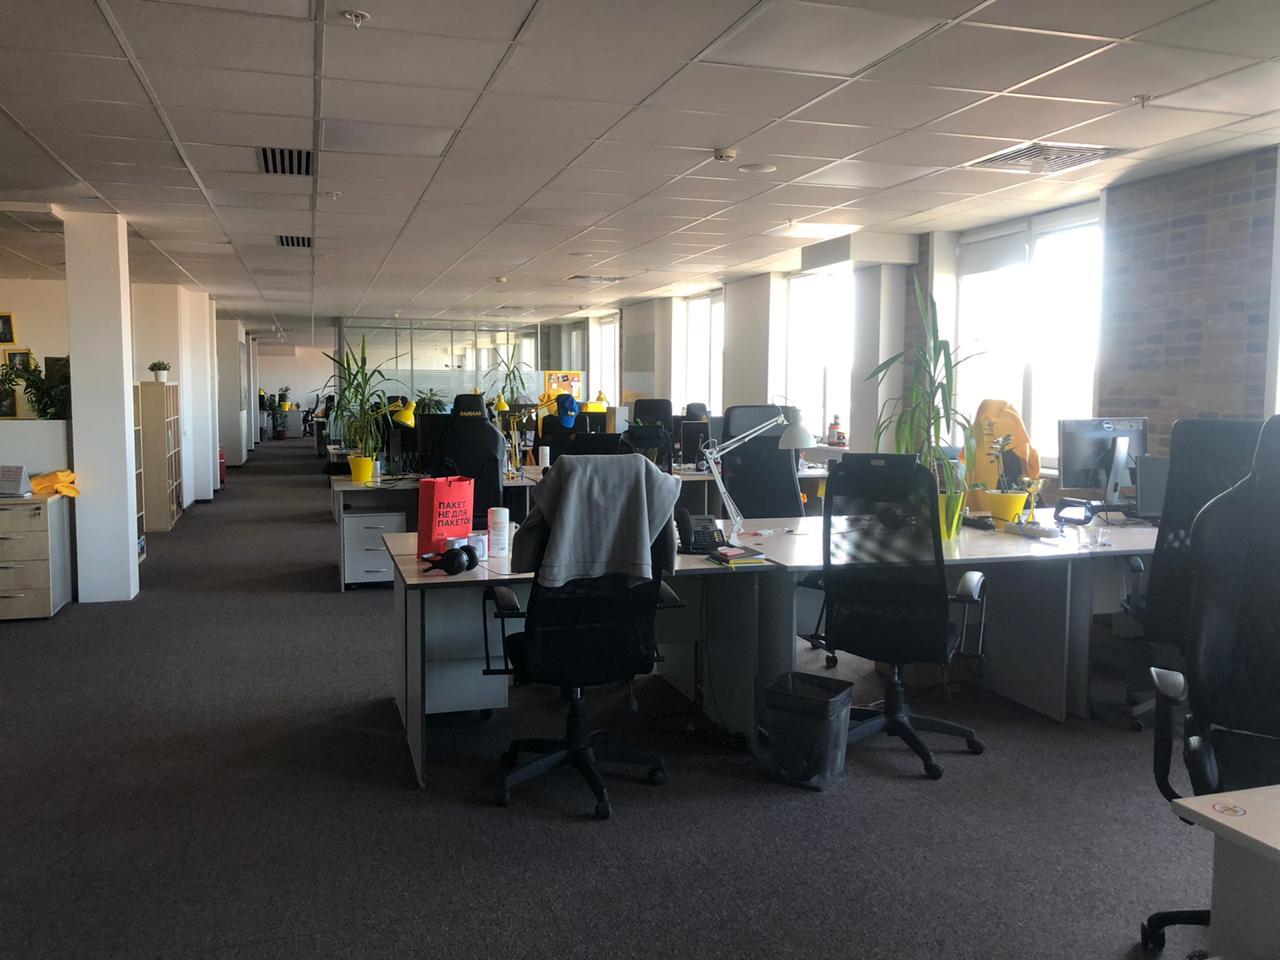 Вот так выглядит офис компании, если там работает всего 5% сотрудников от общего числа